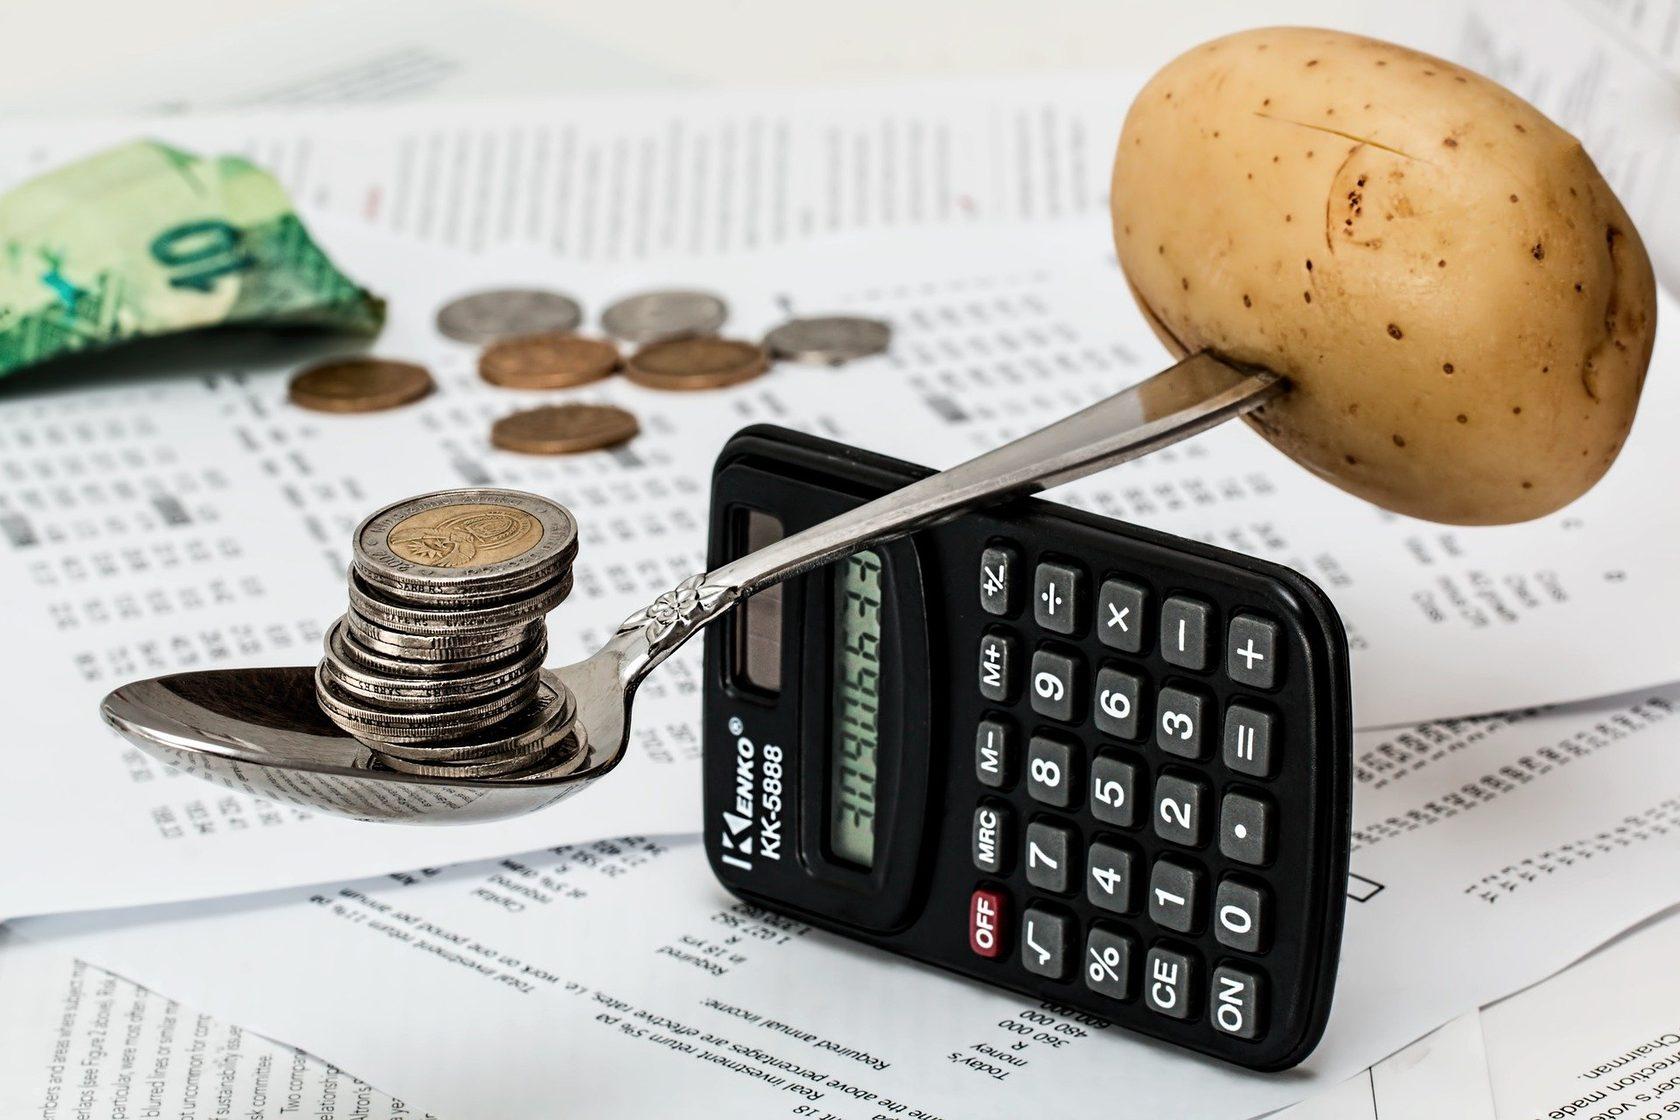 Ипотека, экономика, выгоды, кредит